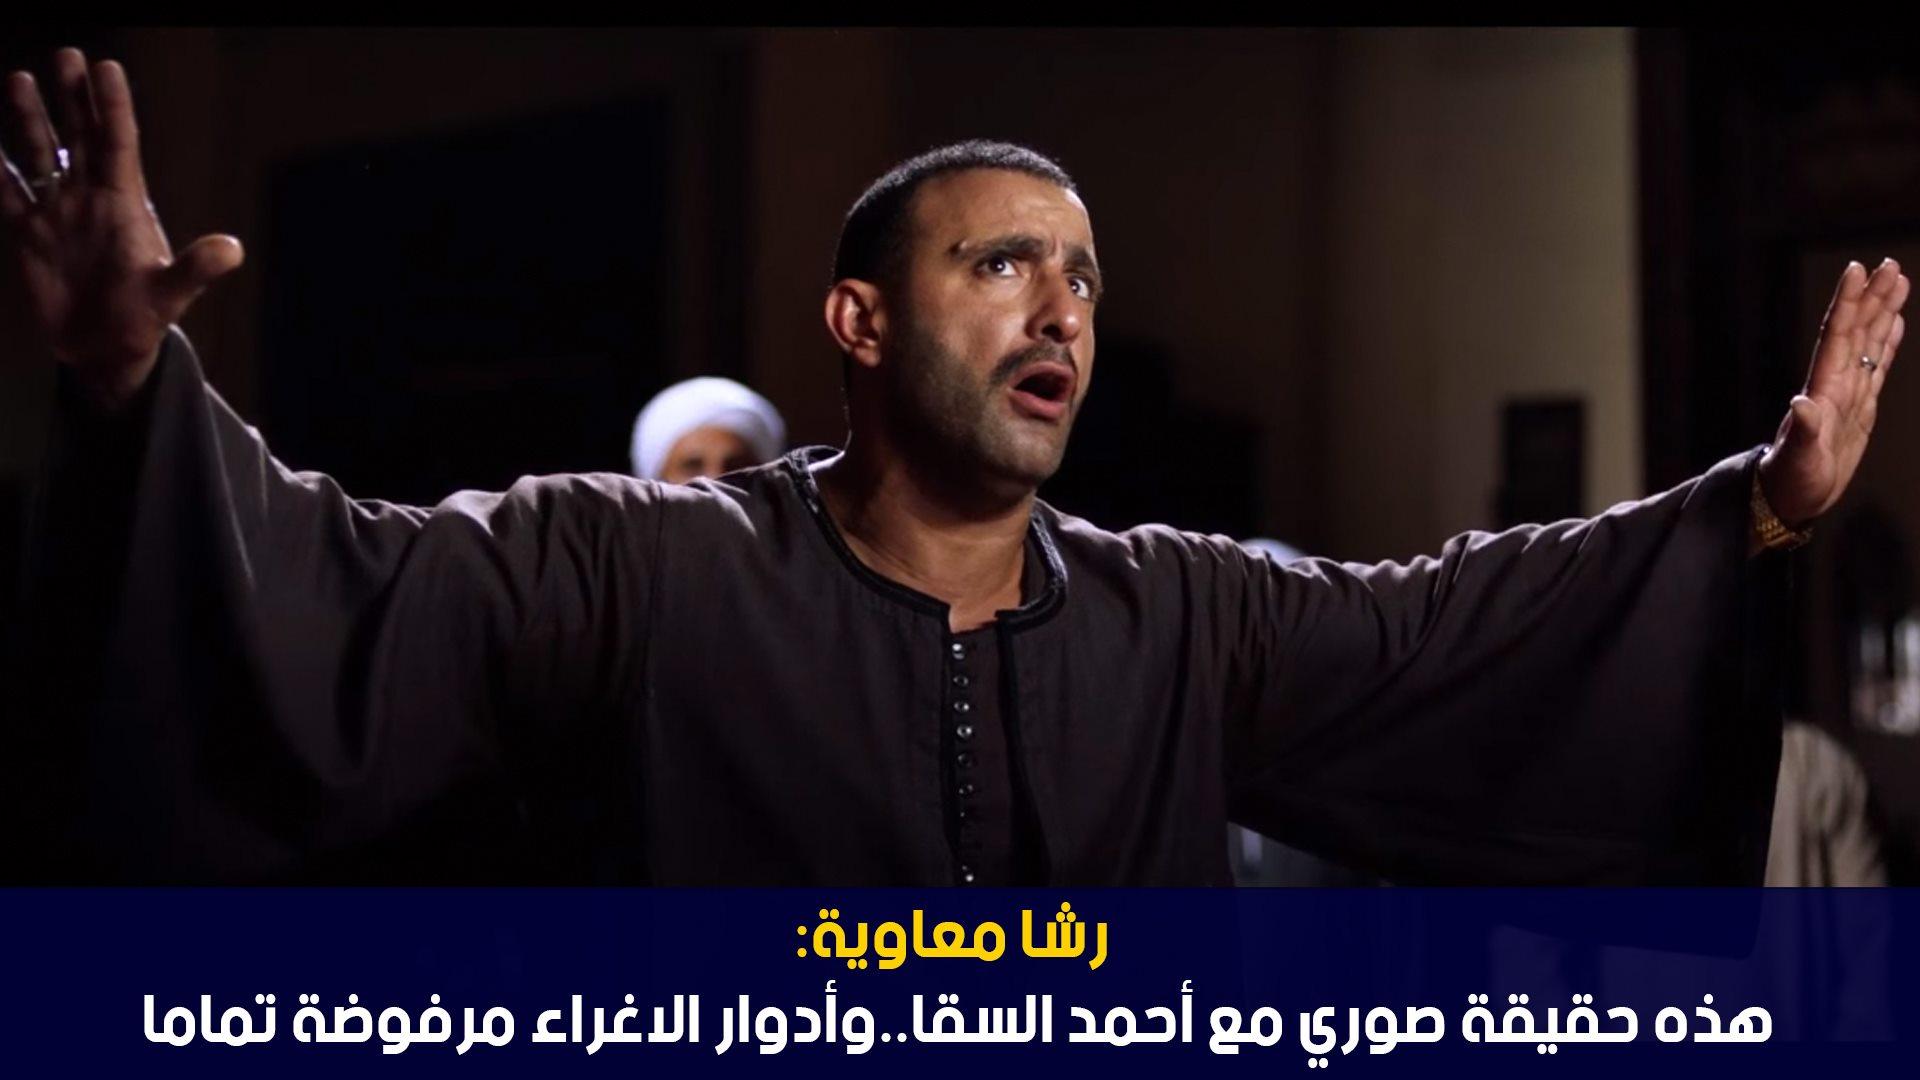 رشا معاوية: هذه حقيقة صوري مع أحمد السقا..وأدوار الاغراء مرفوضة تماما